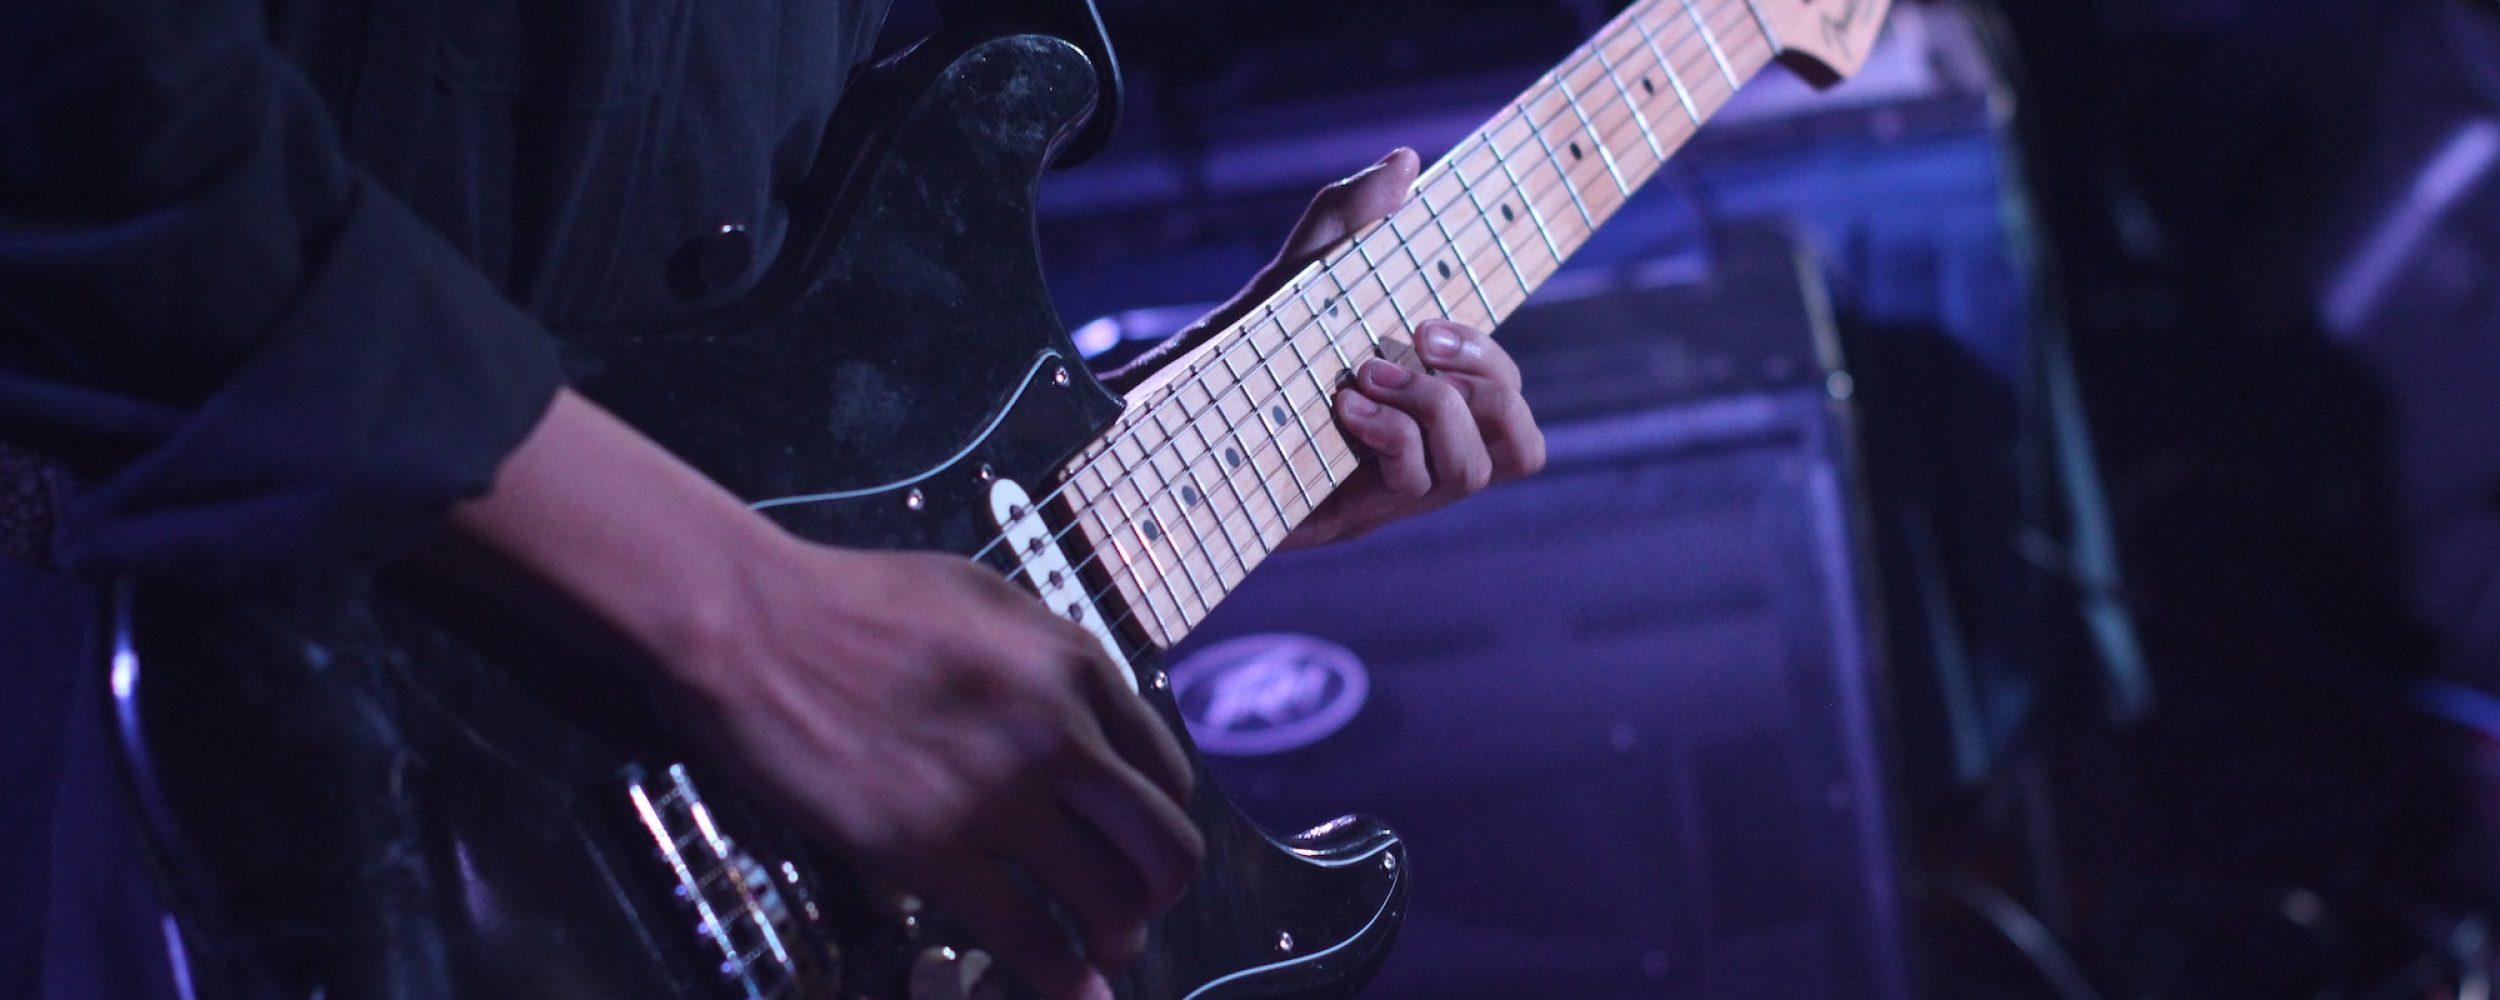 Guitar Practise - Ending Photo